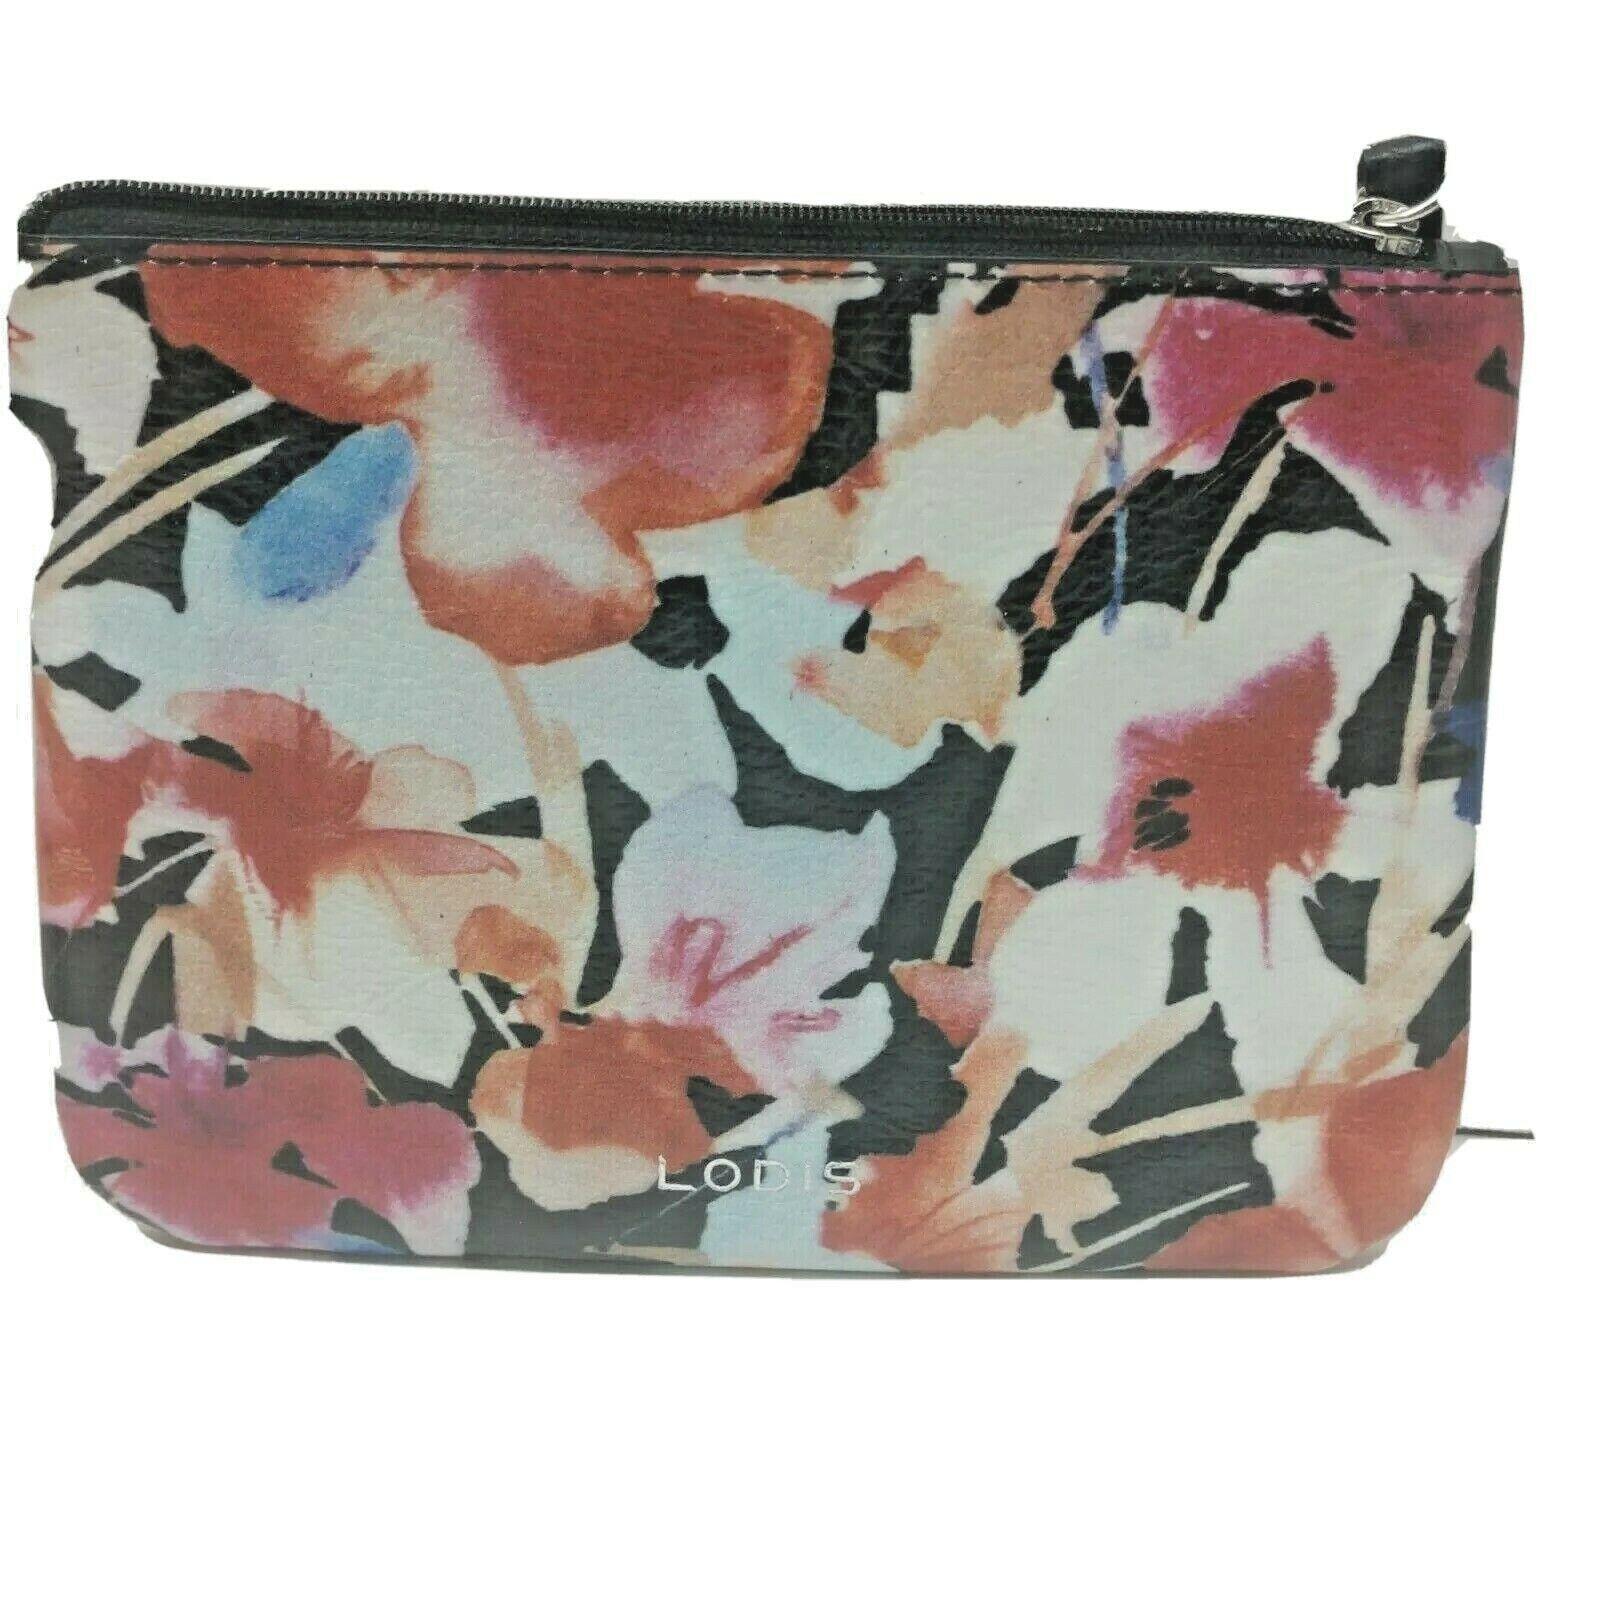 LODIS Floral Leather Wristlet Wallet Pouch